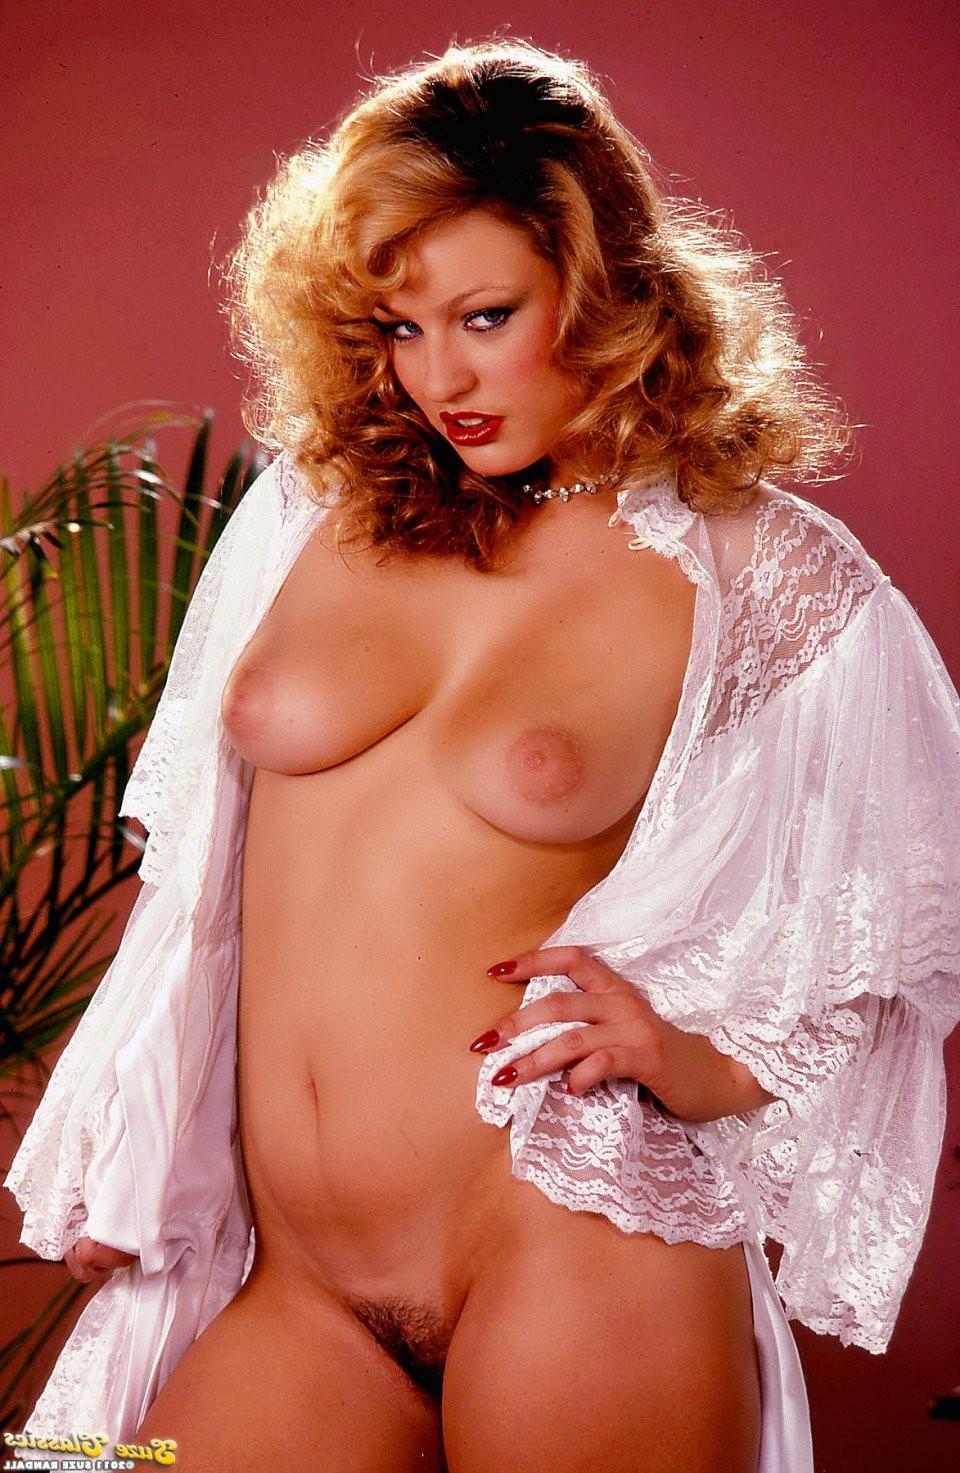 blonde milfs tank top brüste – BDSM